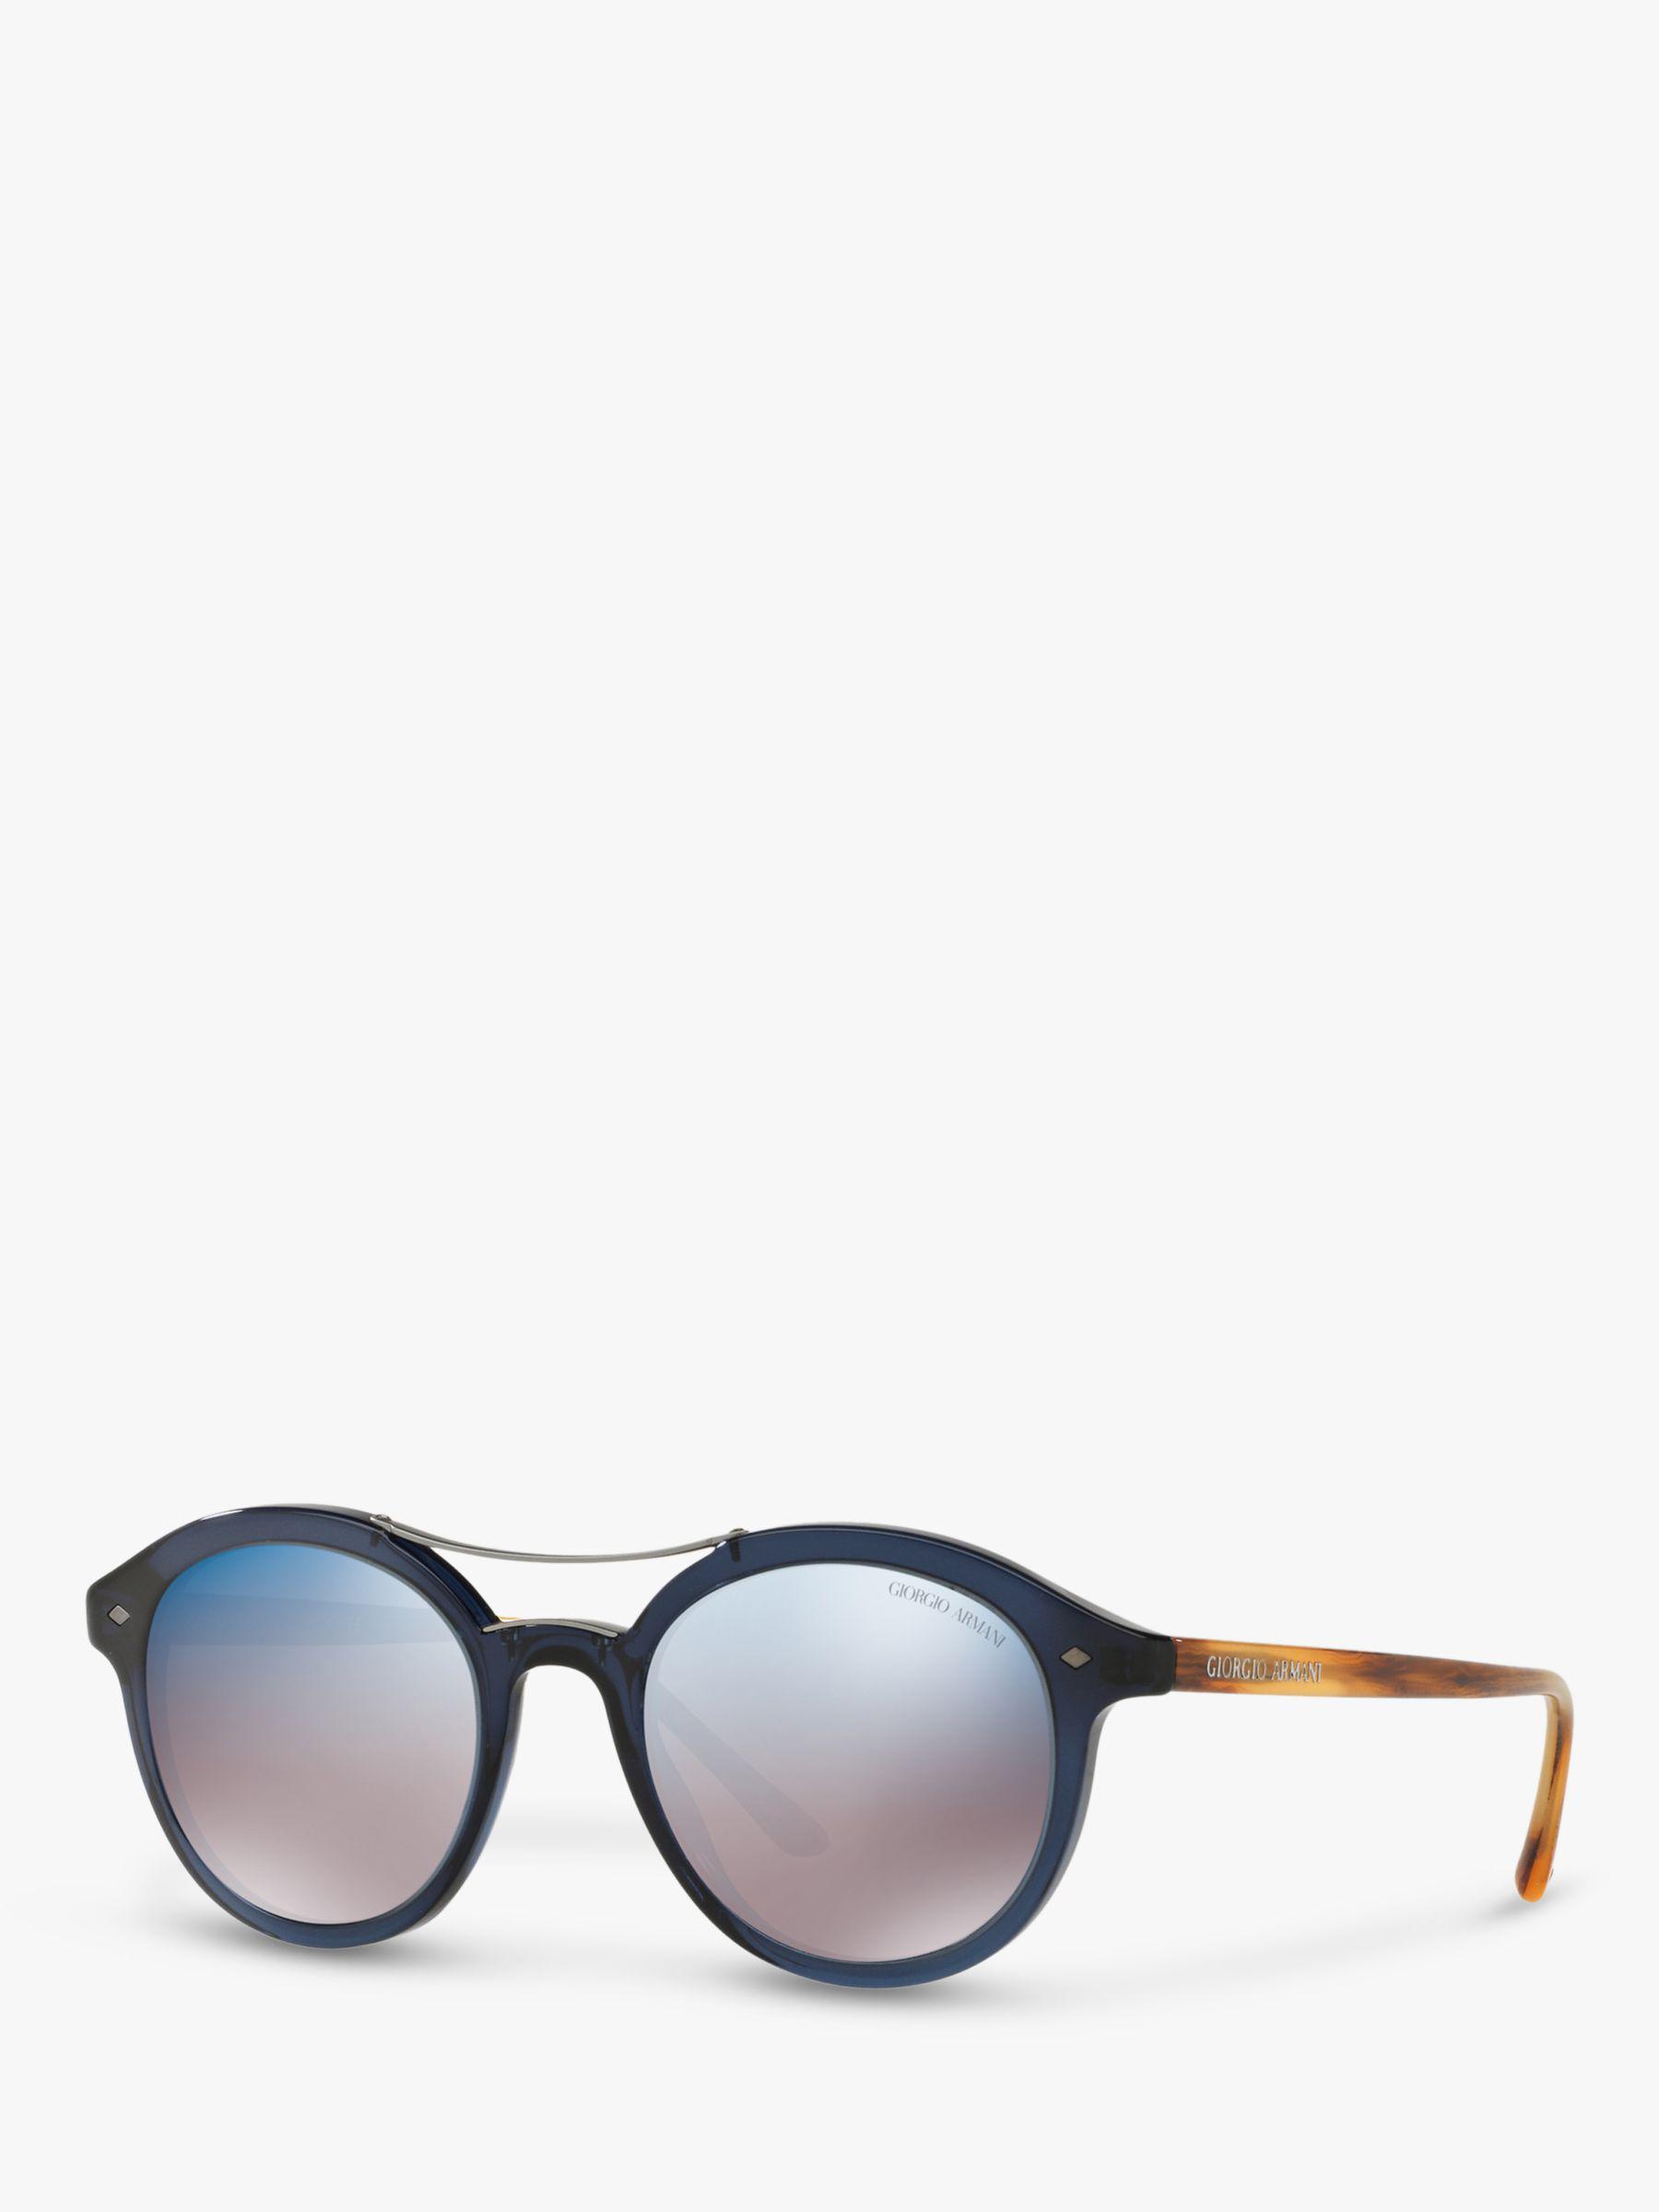 a8a64c69d2de Blue Giorgio Sunglasses Armani Men's In Ar8007 Men For Lyst Round pq6pYgw